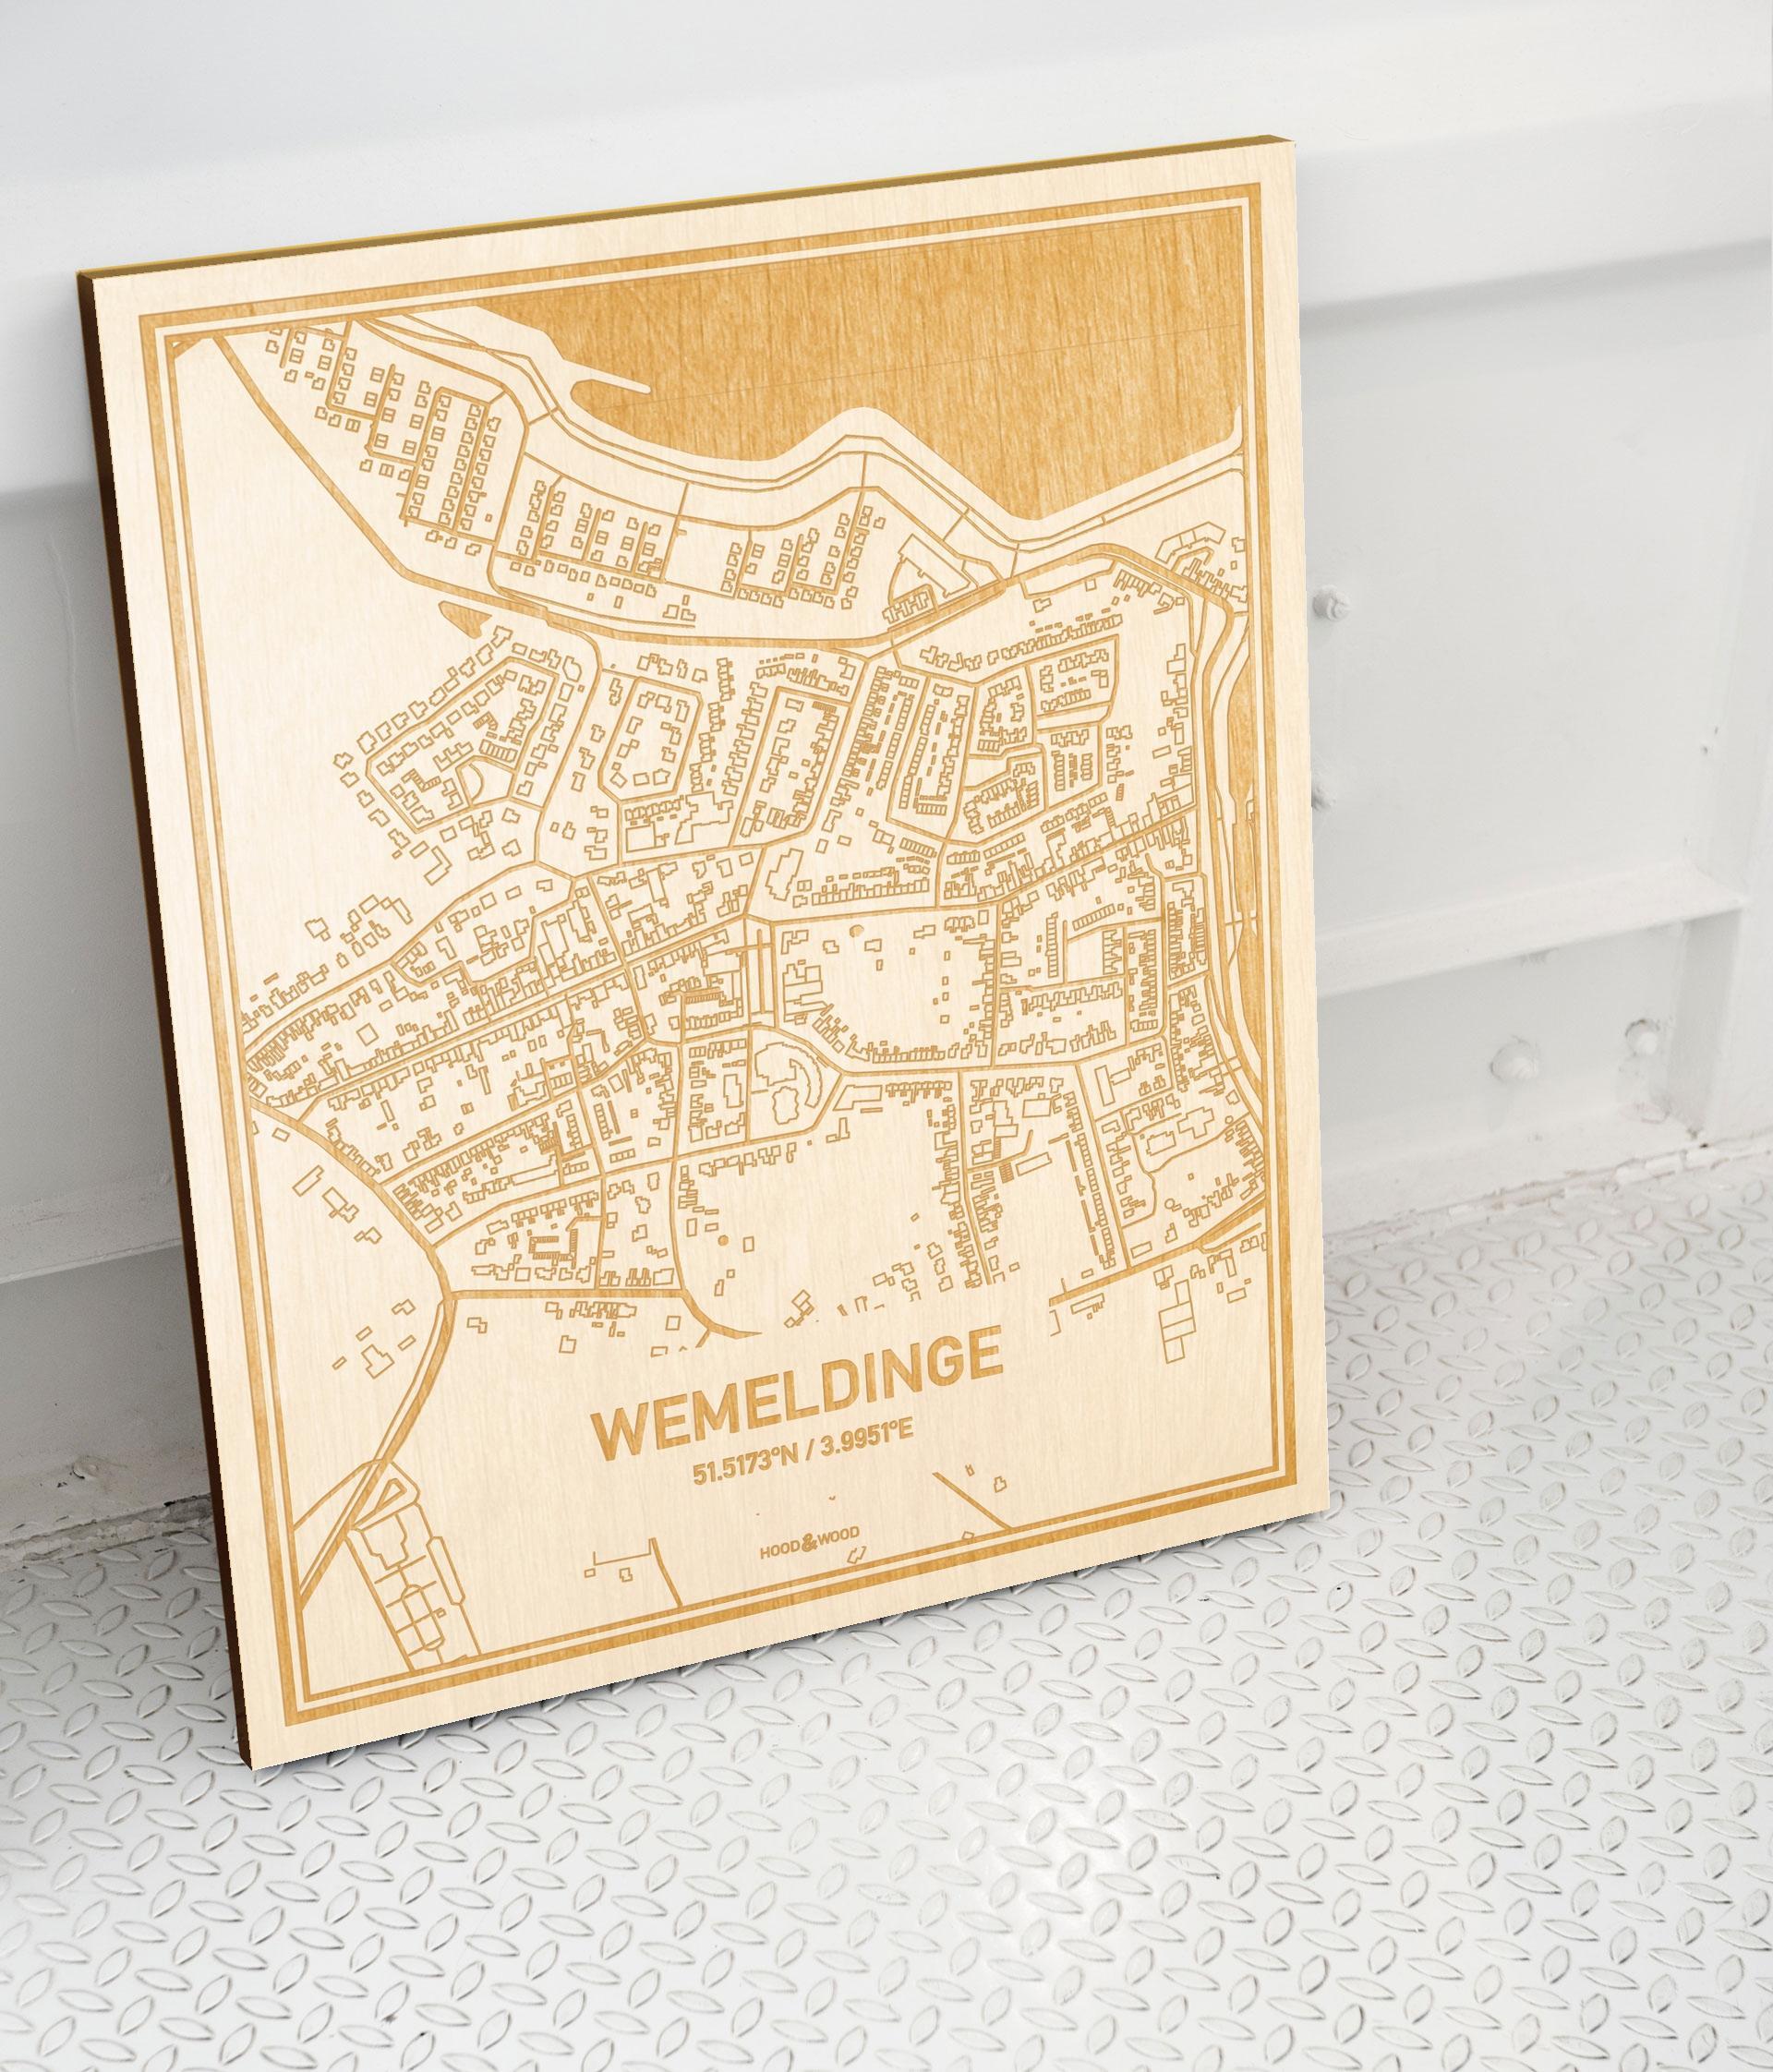 Plattegrond Wemeldinge als prachtige houten wanddecoratie. Het warme hout contrasteert mooi met de witte muur.